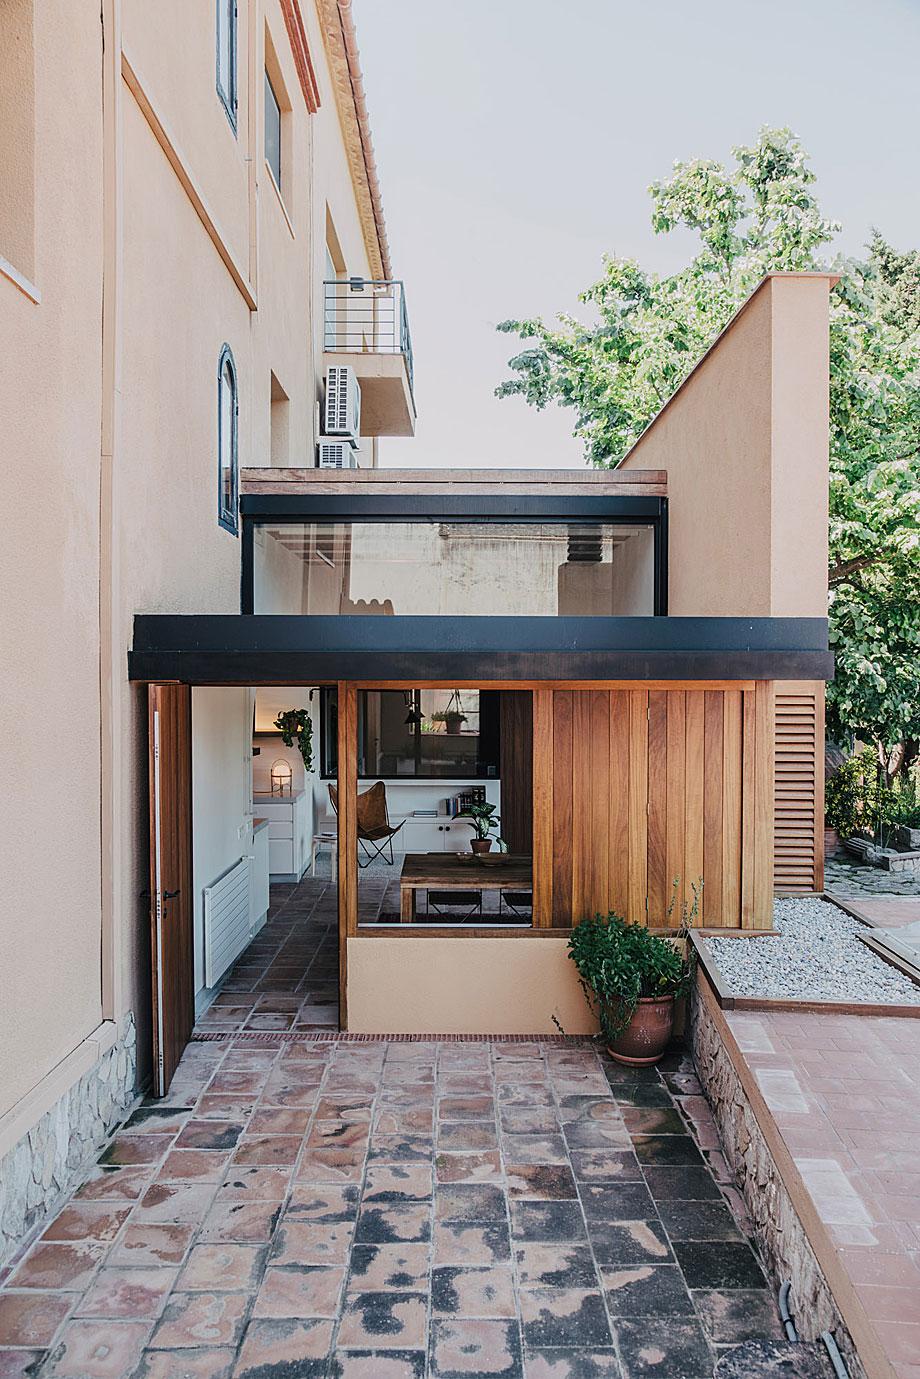 mesura-architecture-sant-mori-ampliacion-girona-housing-project-spain-arquitectura-15